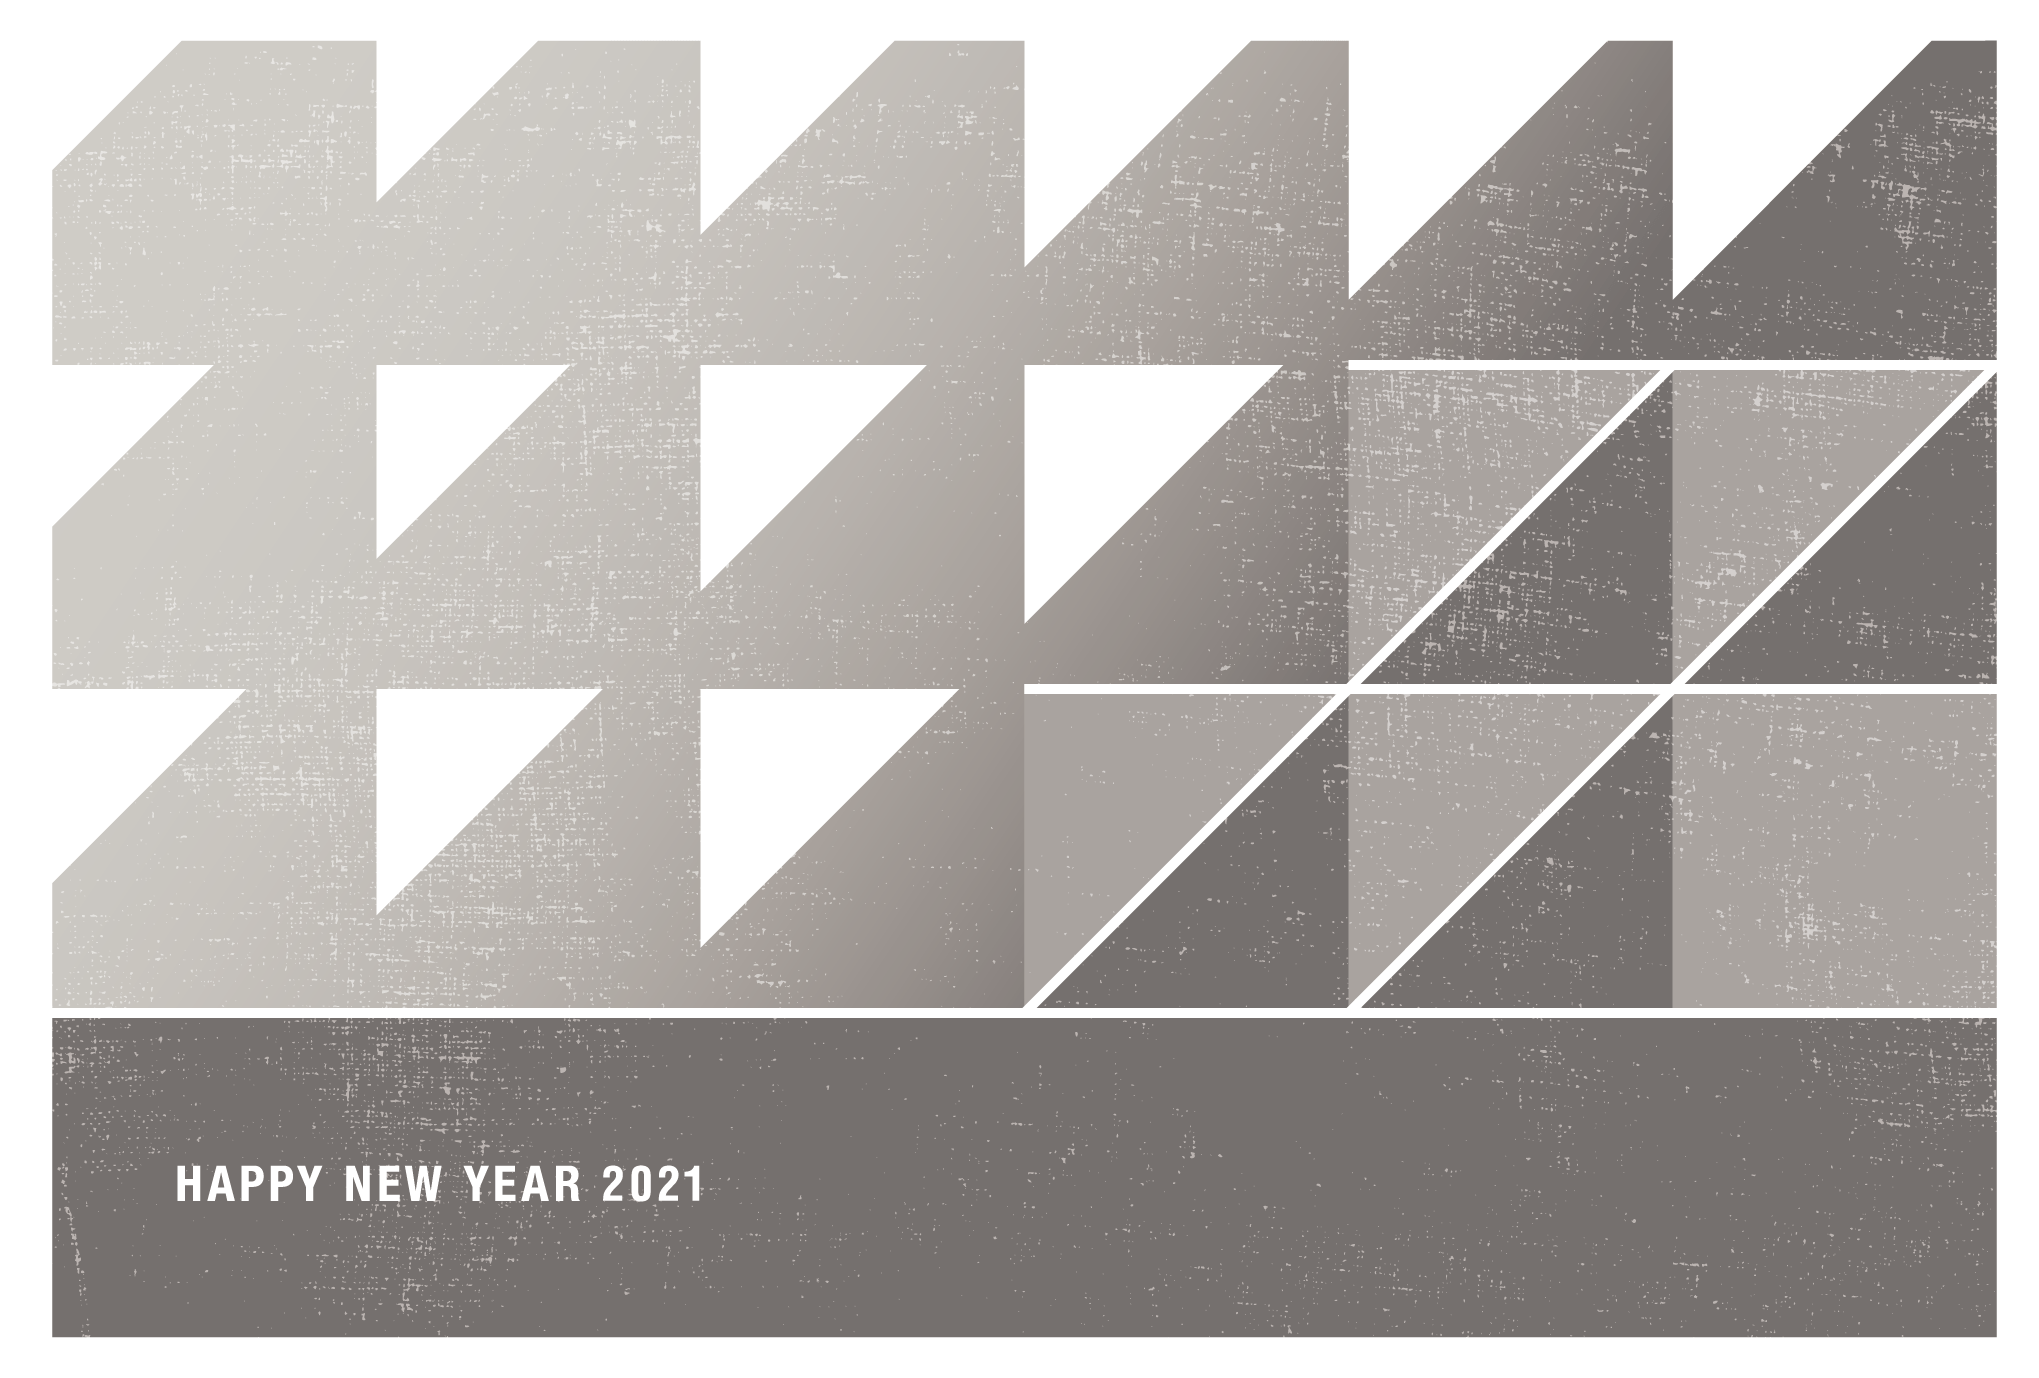 2021年賀状07-4:丑と鱗文様(薄鈍)横のダウンロード画像